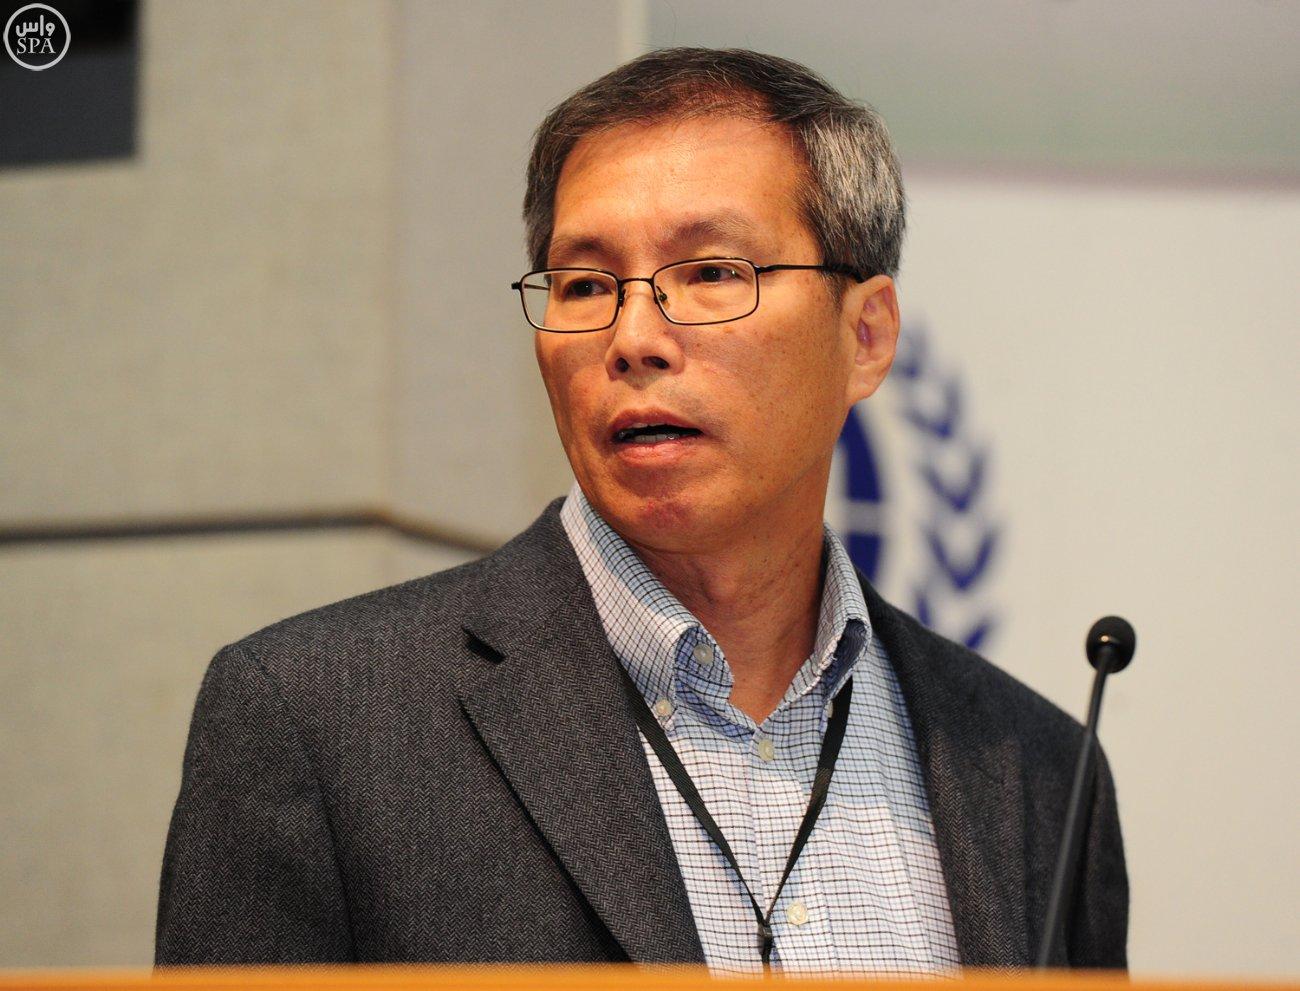 وكيل وزارة الصحة يؤكد أهمية المؤتمر العالمي لأبحاث لقاح كورونا (4)